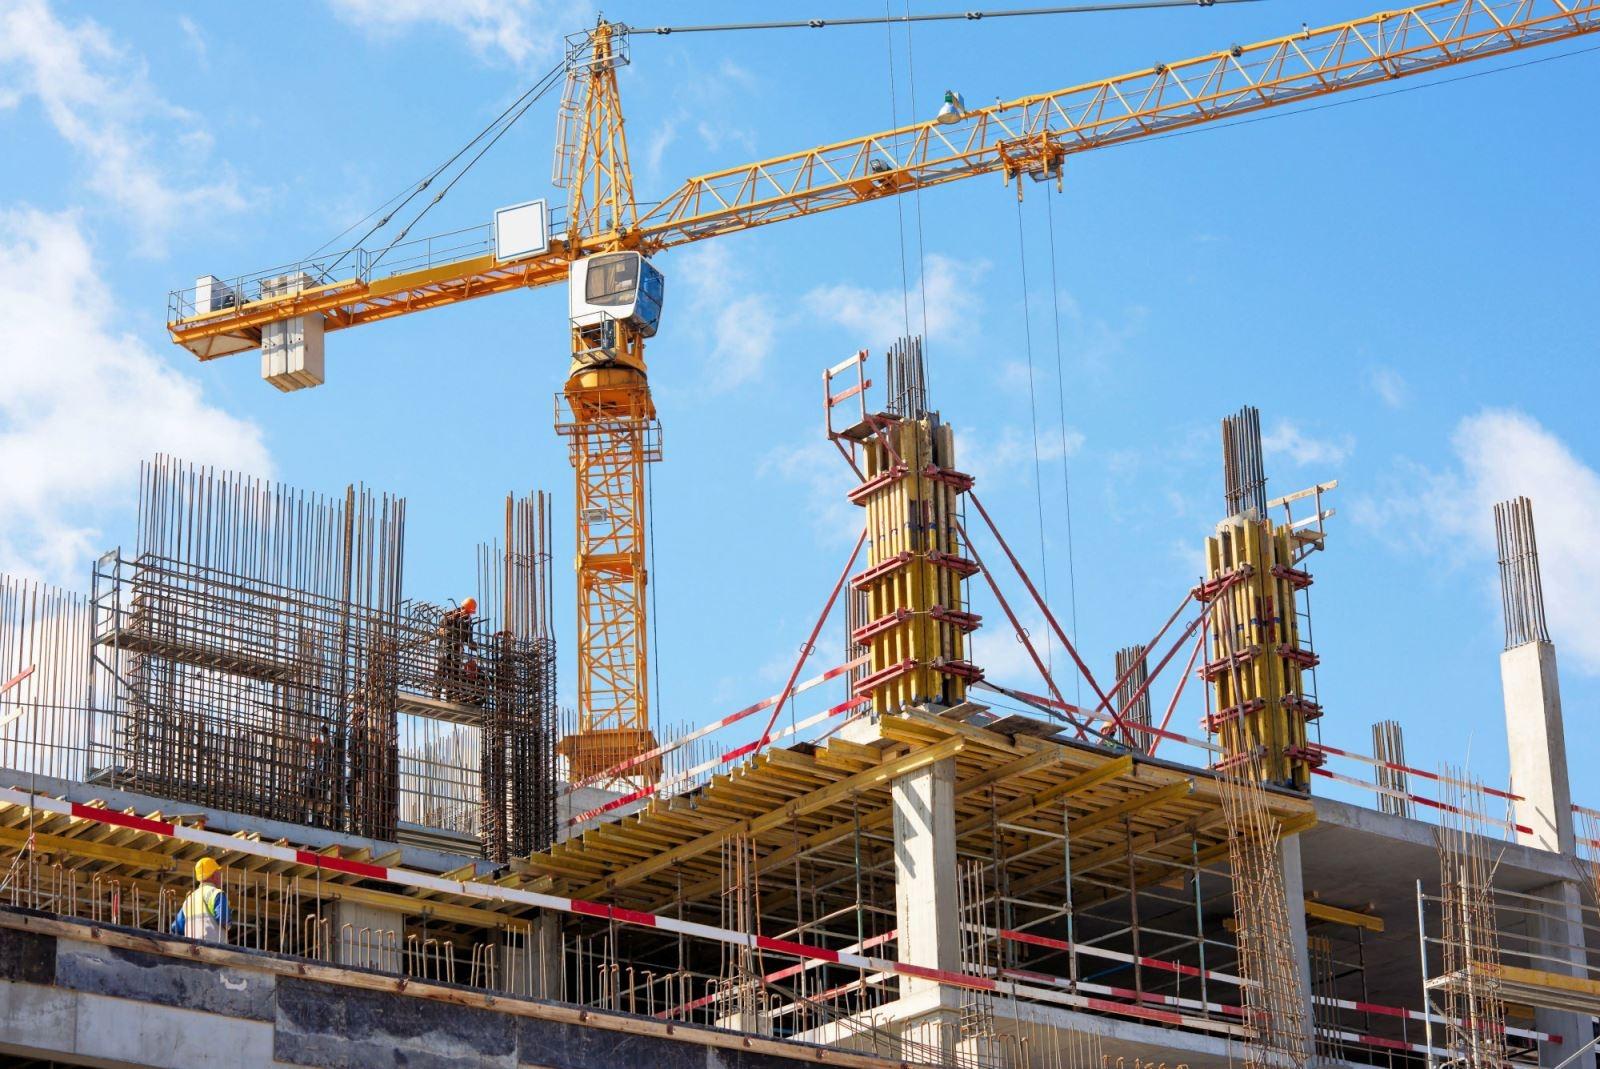 Đề xuất mới về nhiệm vụ và quyền hạn, cơ cấu tổ chức của Bộ Xây dựng